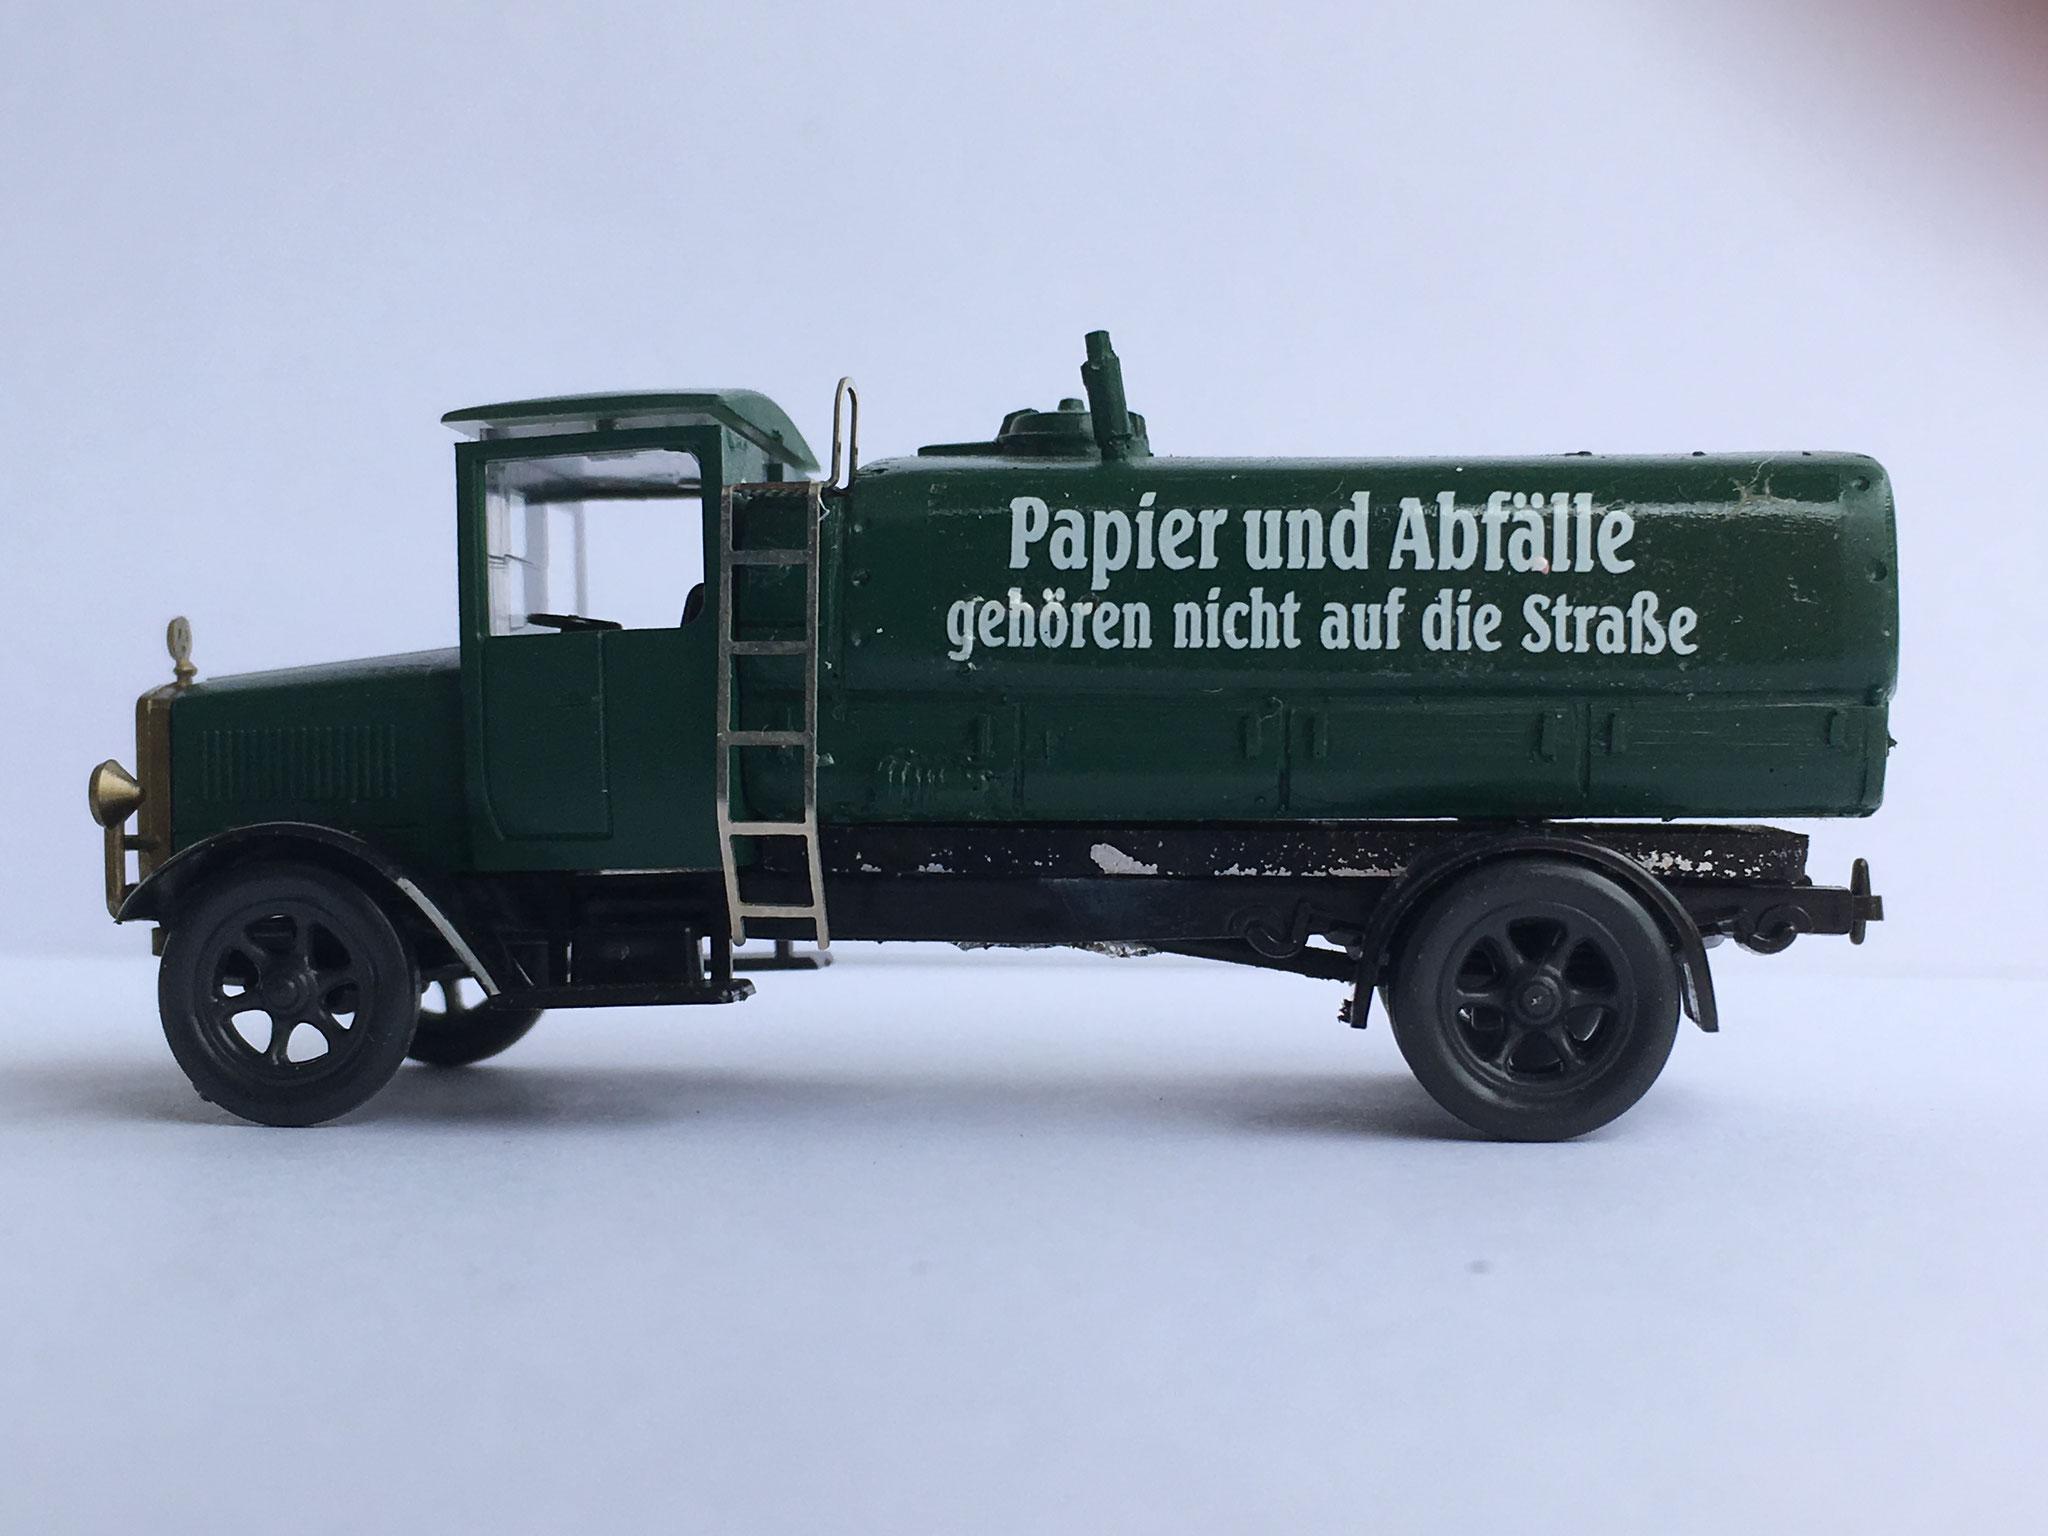 Mercedes L5 Papier und Abfälle, Tankwagen (Gollwitzer Handarbeitsmodell)